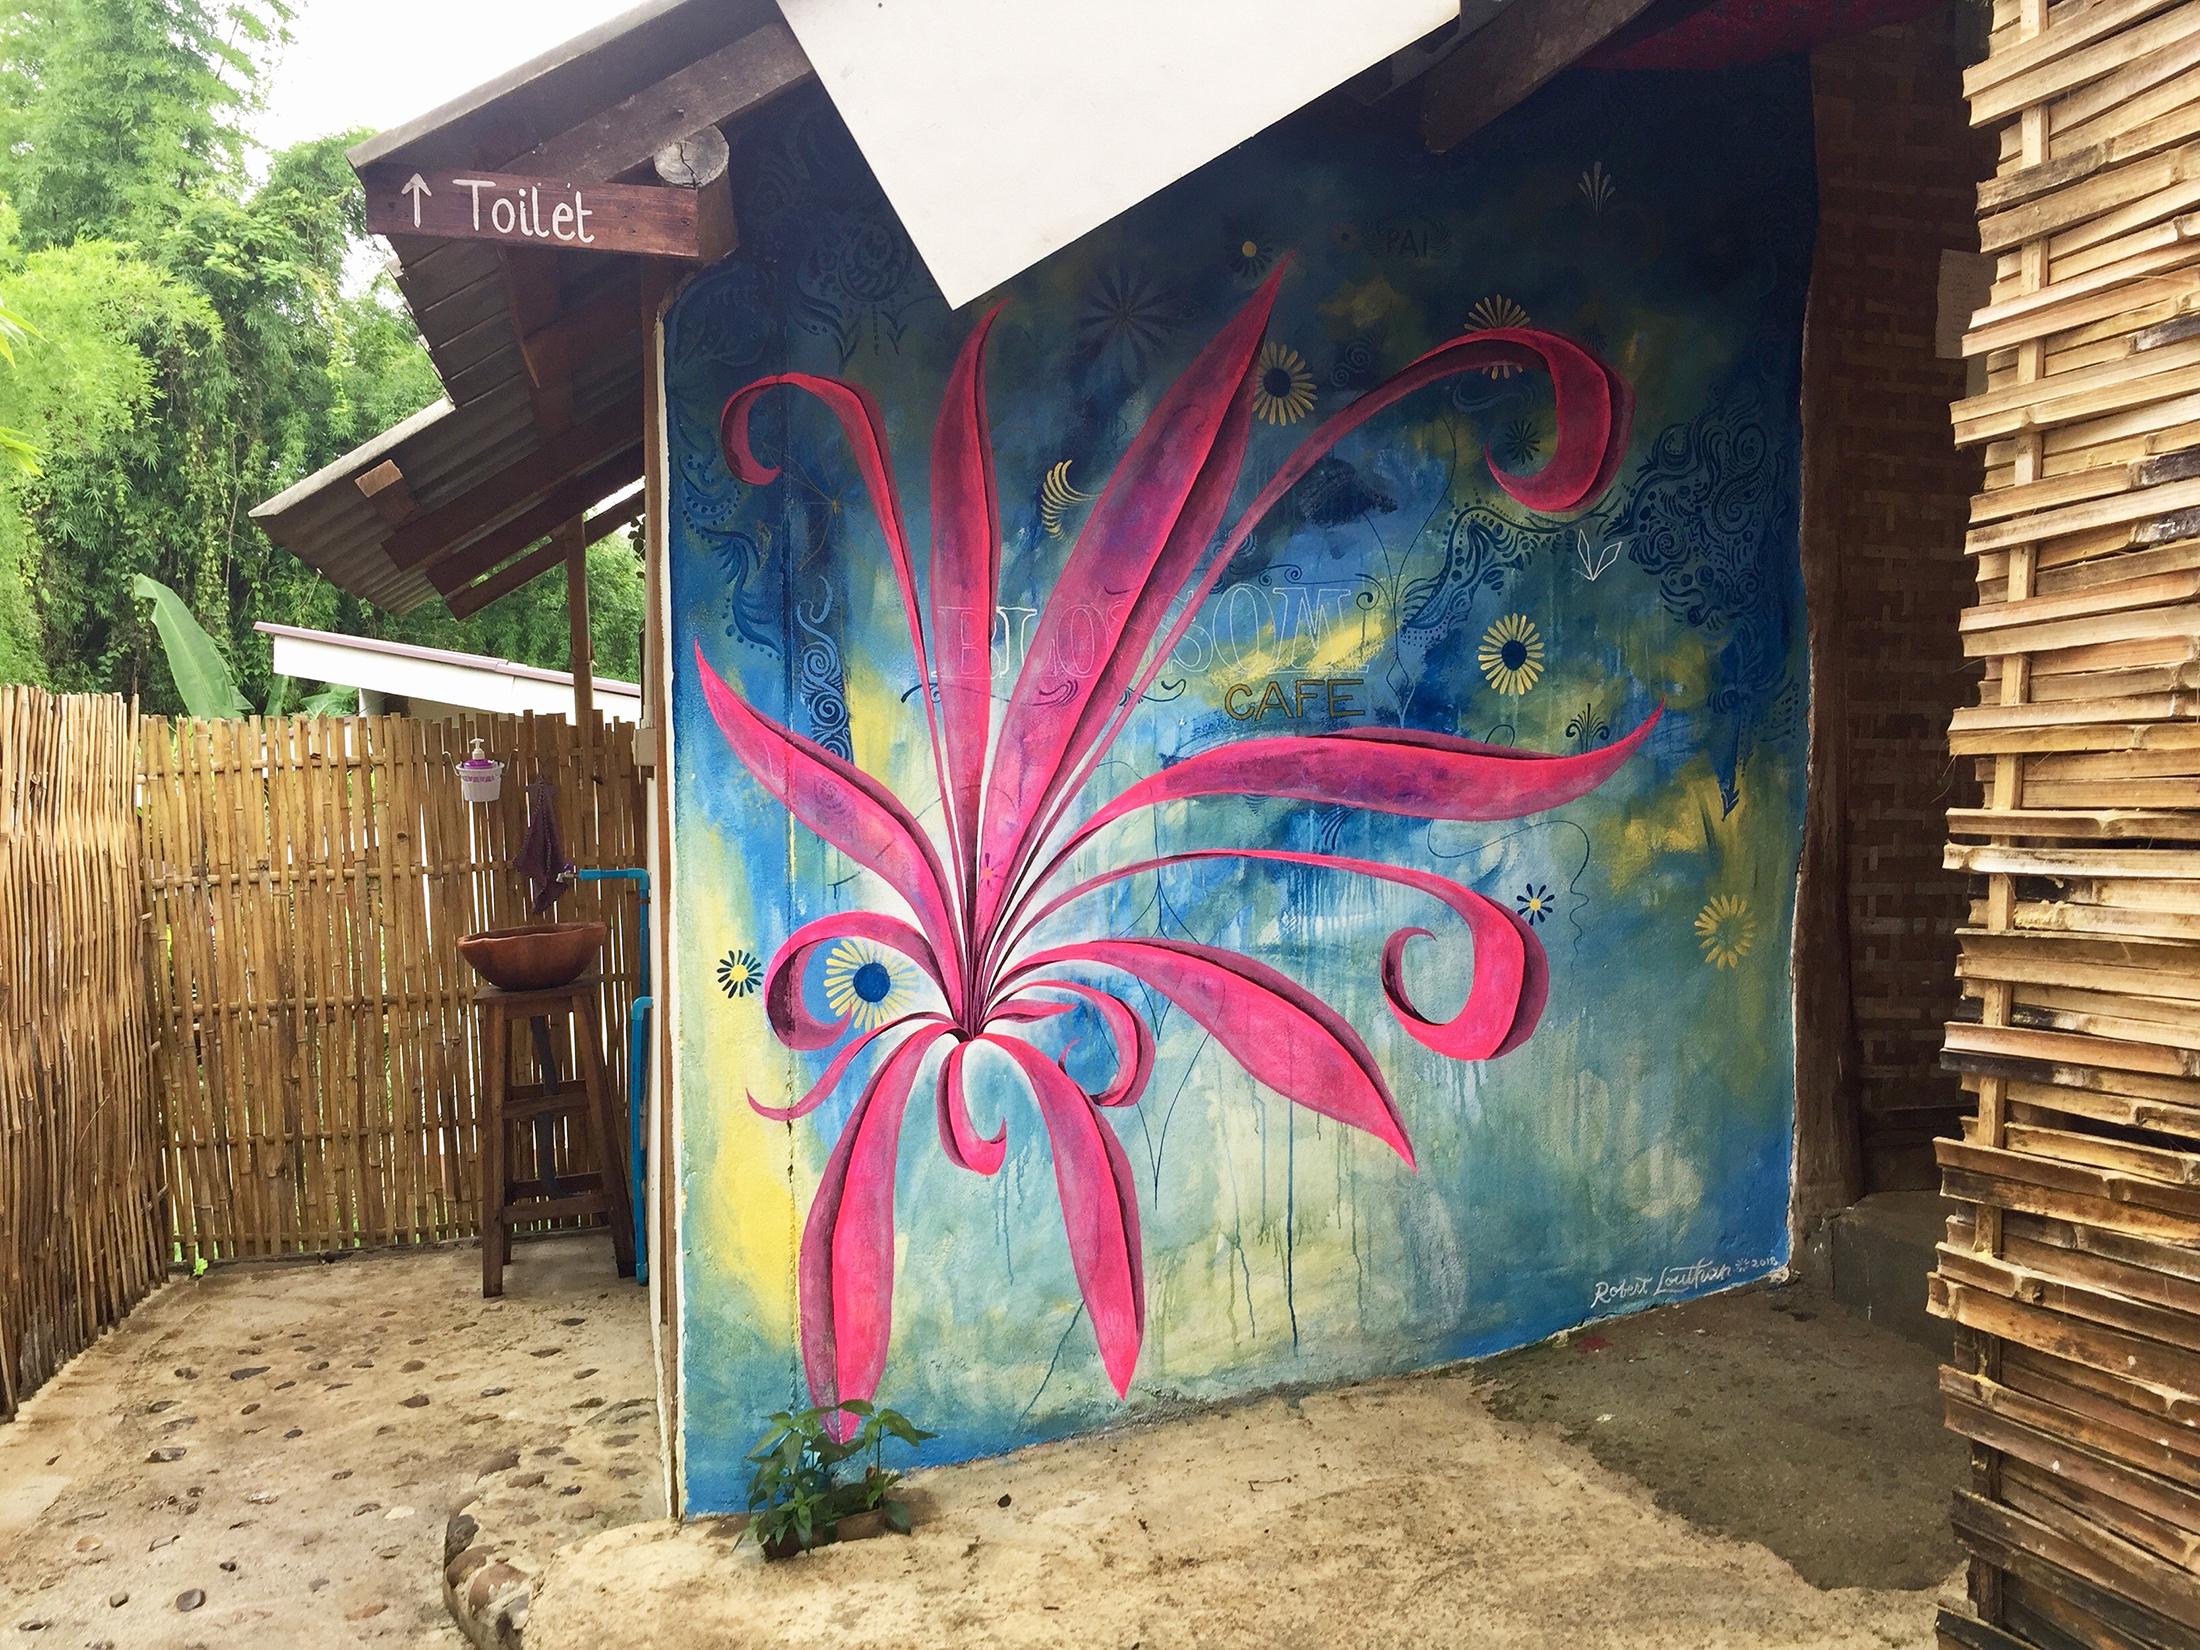 murals_blossomcafe2.jpg